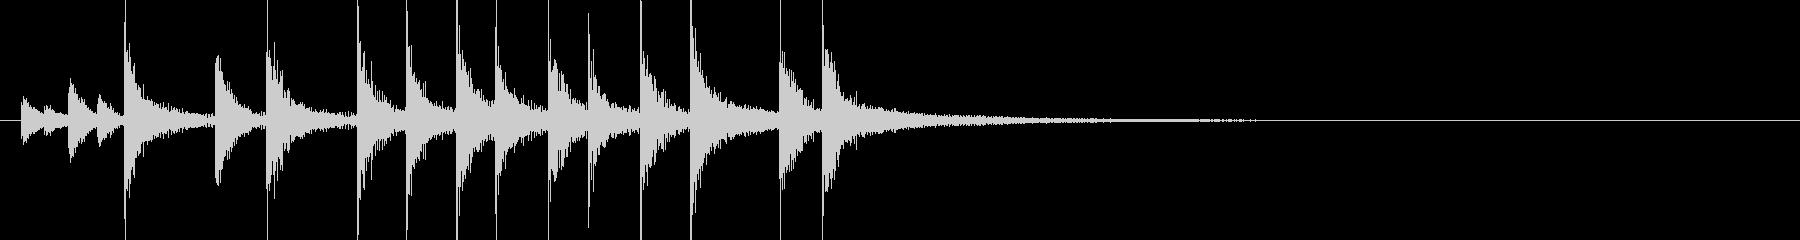 ドラム/ティンバレス フィルイン 4の未再生の波形